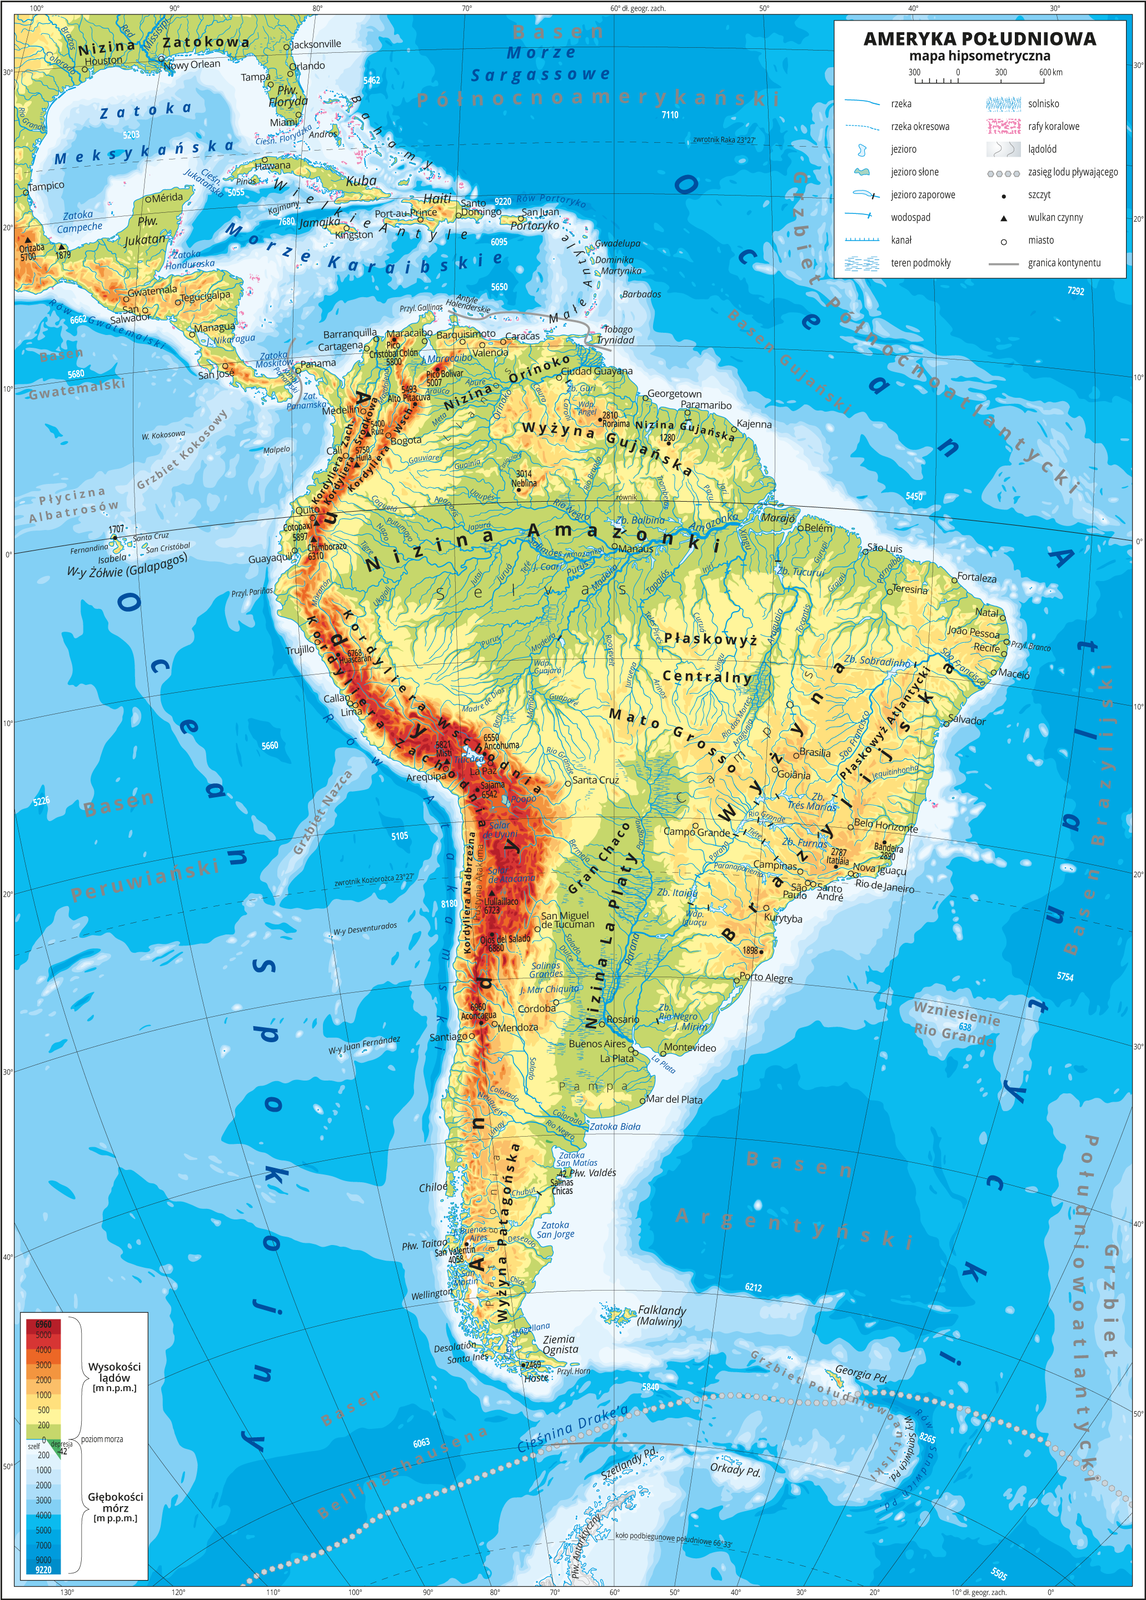 Ilustracja przedstawia mapę hipsometryczną Ameryki Południowej. Wobrębie lądów występują obszary wkolorze zielonym, żółtym, pomarańczowym iczerwonym. Na zachodnim wybrzeżu dominują pasma górskie oprzebiegu południkowym. Rozległe niziny wzdłuż największych rzek. Morza zaznaczono kolorem niebieskim. Na mapie opisano nazwy półwyspów, wysp, nizin, wyżyn ipasm górskich, mórz, zatok, rzek ijezior. Oznaczono iopisano główne miasta. Oznaczono czarnymi kropkami iopisano szczyty górskie. Trójkątami oznaczono czynne wulkany ipodano ich nazwy iwysokości. Mapa pokryta jest równoleżnikami ipołudnikami. Dookoła mapy wbiałej ramce opisano współrzędne geograficzne co dziesięć stopni. Wlegendzie umieszczono iopisano znaki użyte na mapie.